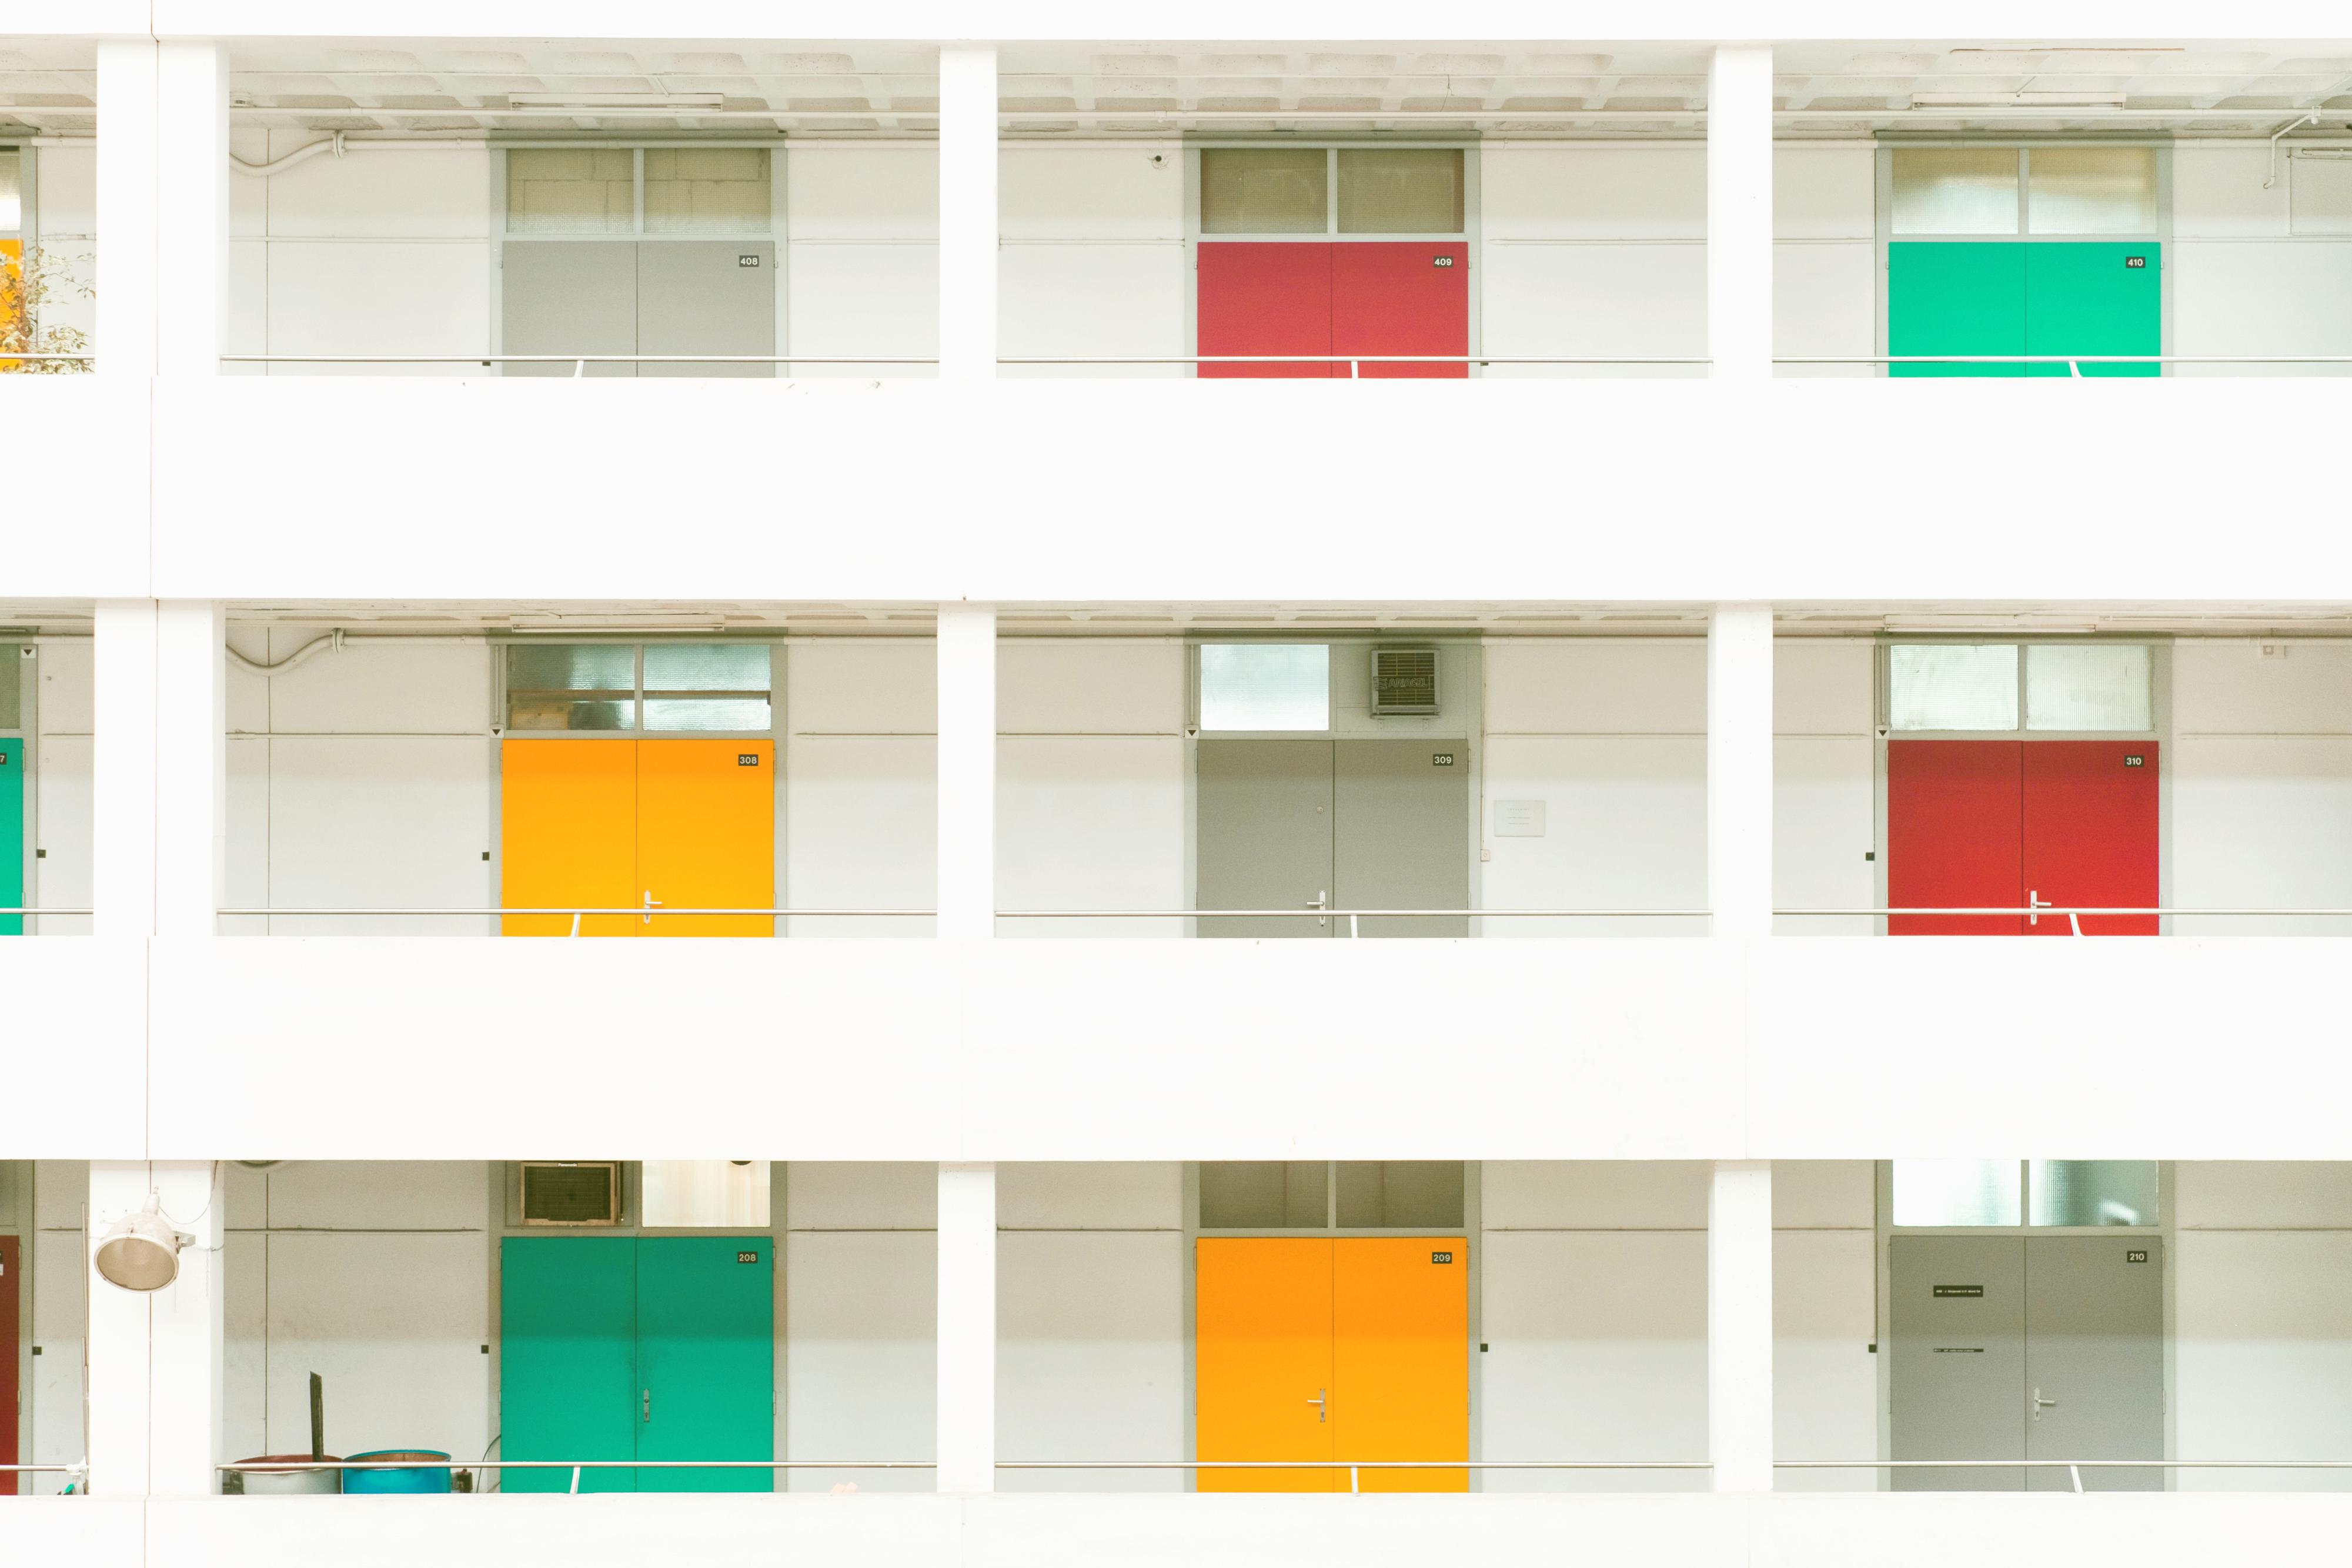 Living on the ground floor vs. an upper